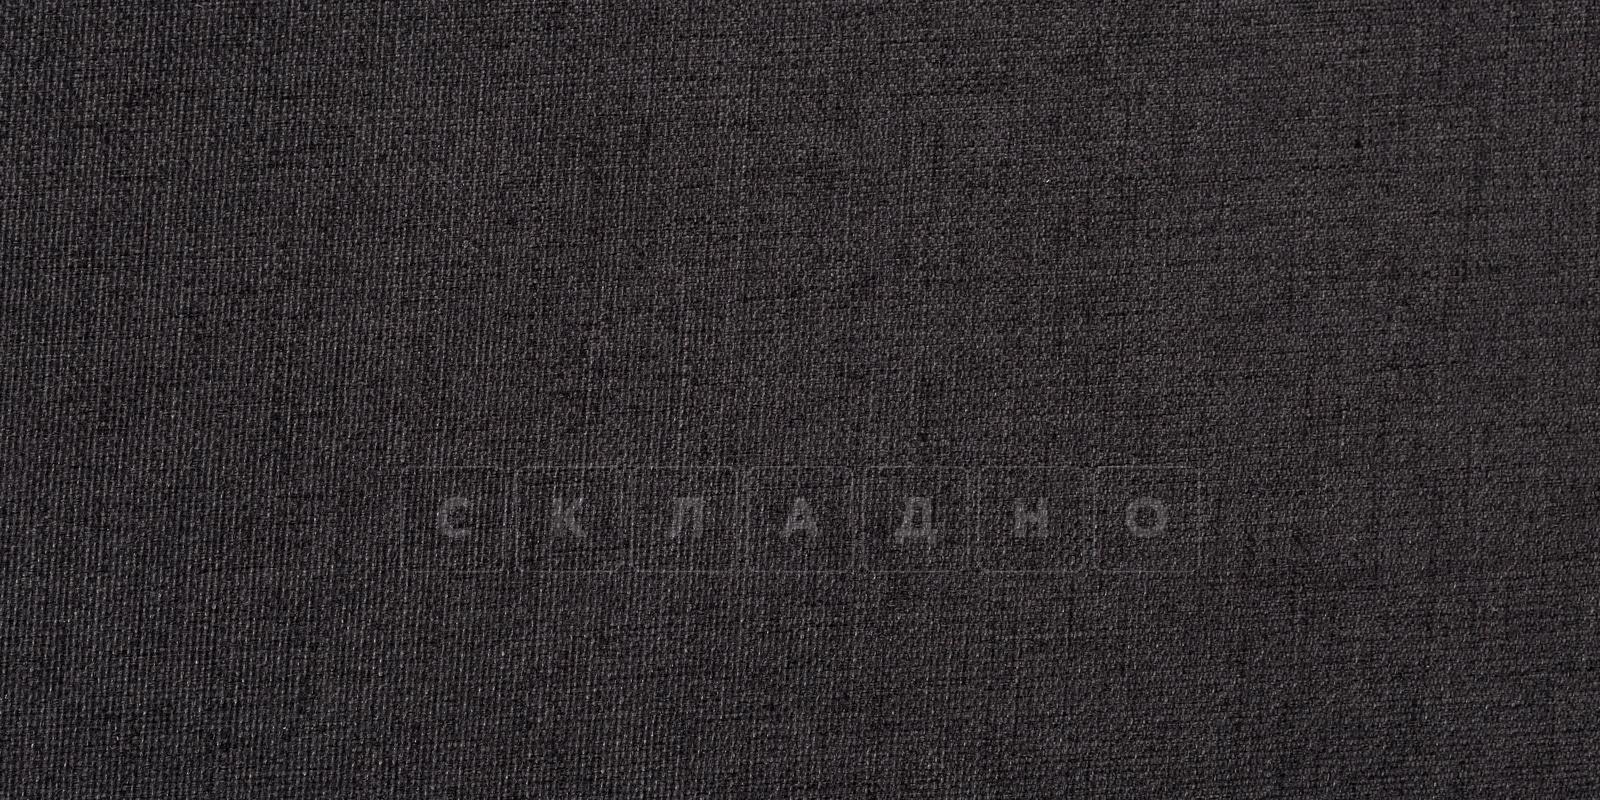 Кресло Медисон 80см темно-серого цвета фото 6 | интернет-магазин Складно